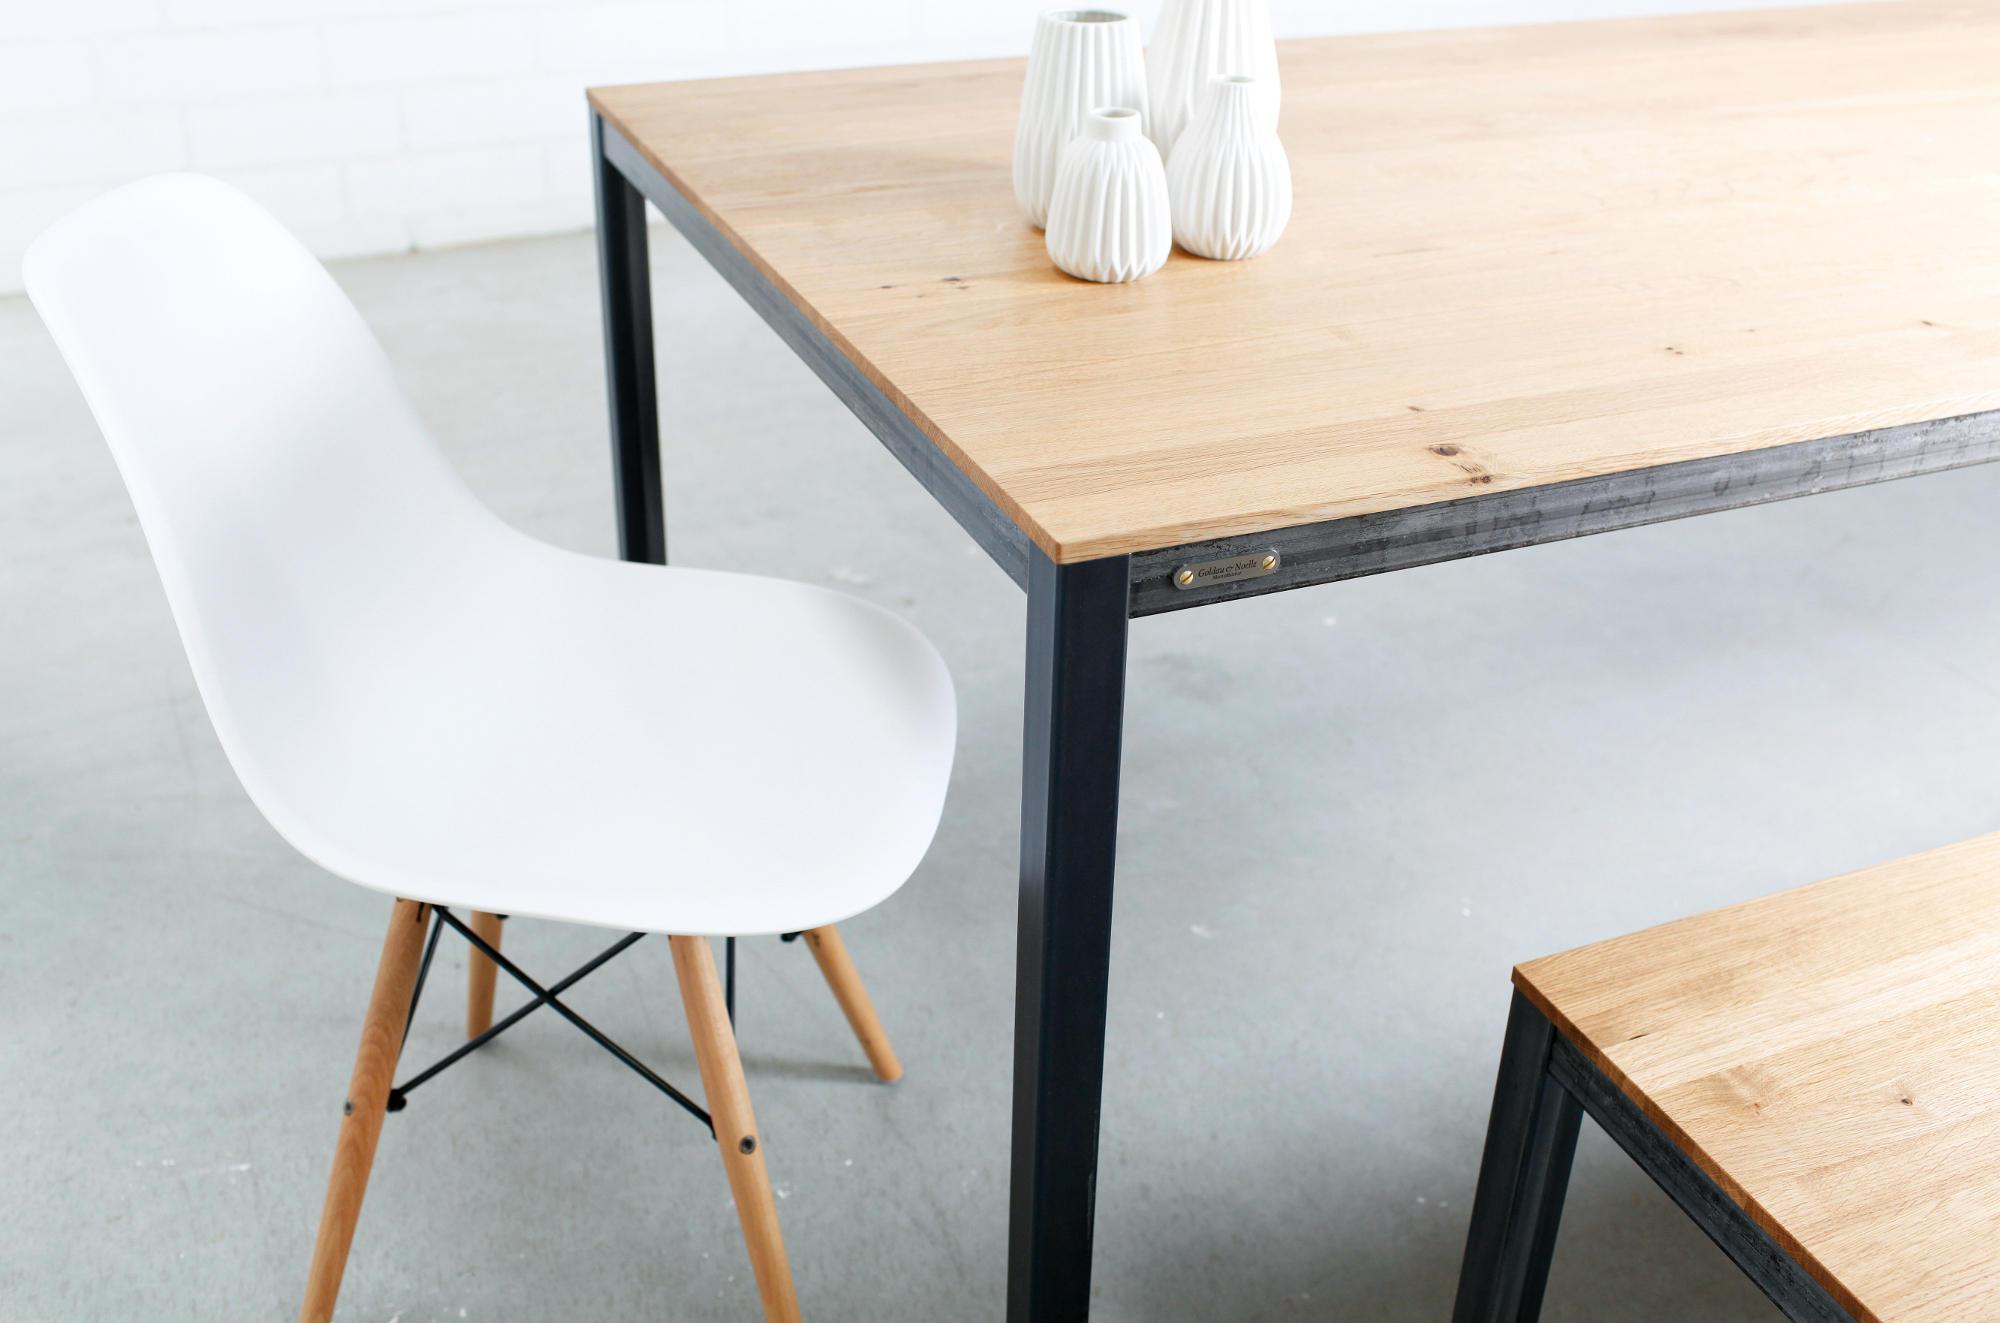 esstisch industrial goldau noelle manufaktur. Black Bedroom Furniture Sets. Home Design Ideas